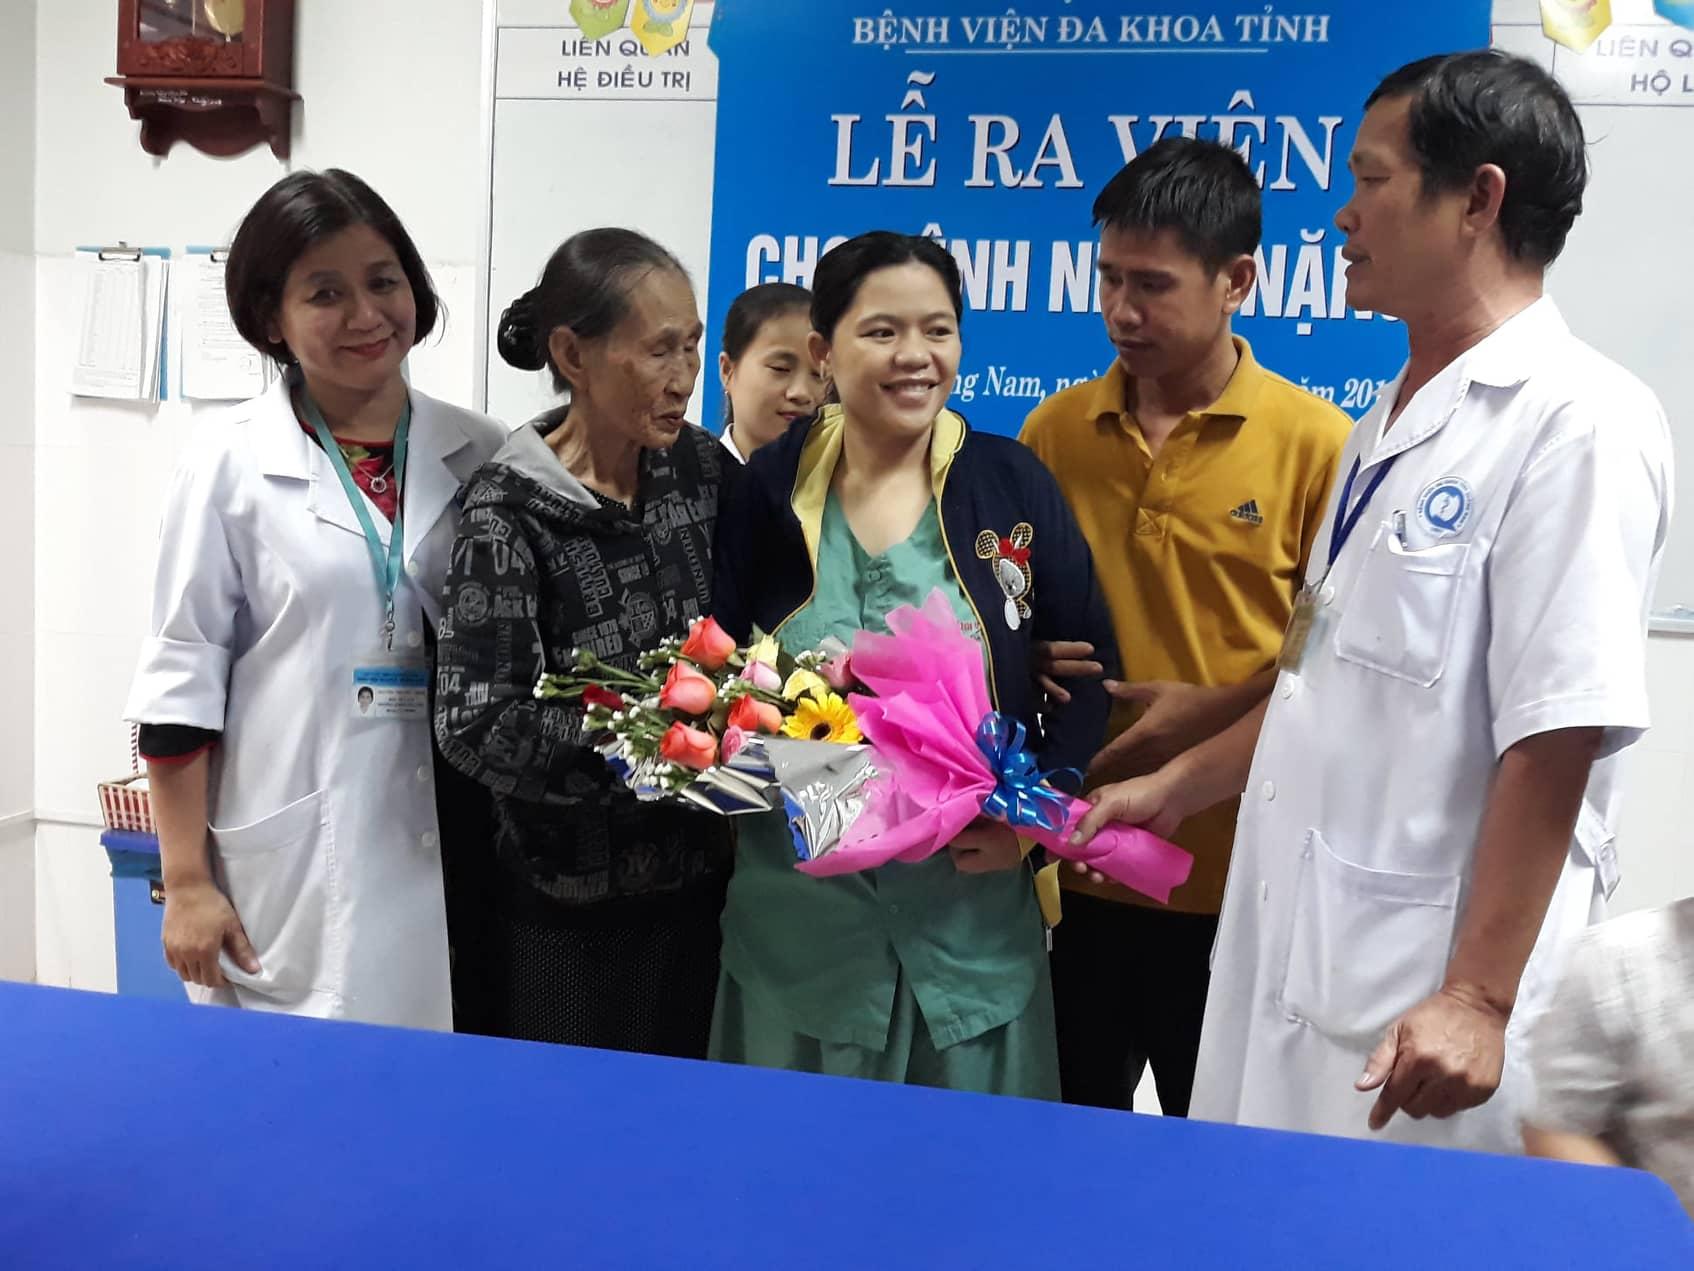 BVĐK Quảng Nam làm lễ ra viện cho bệnh nhân vào chiều 14.12. Ảnh C.N